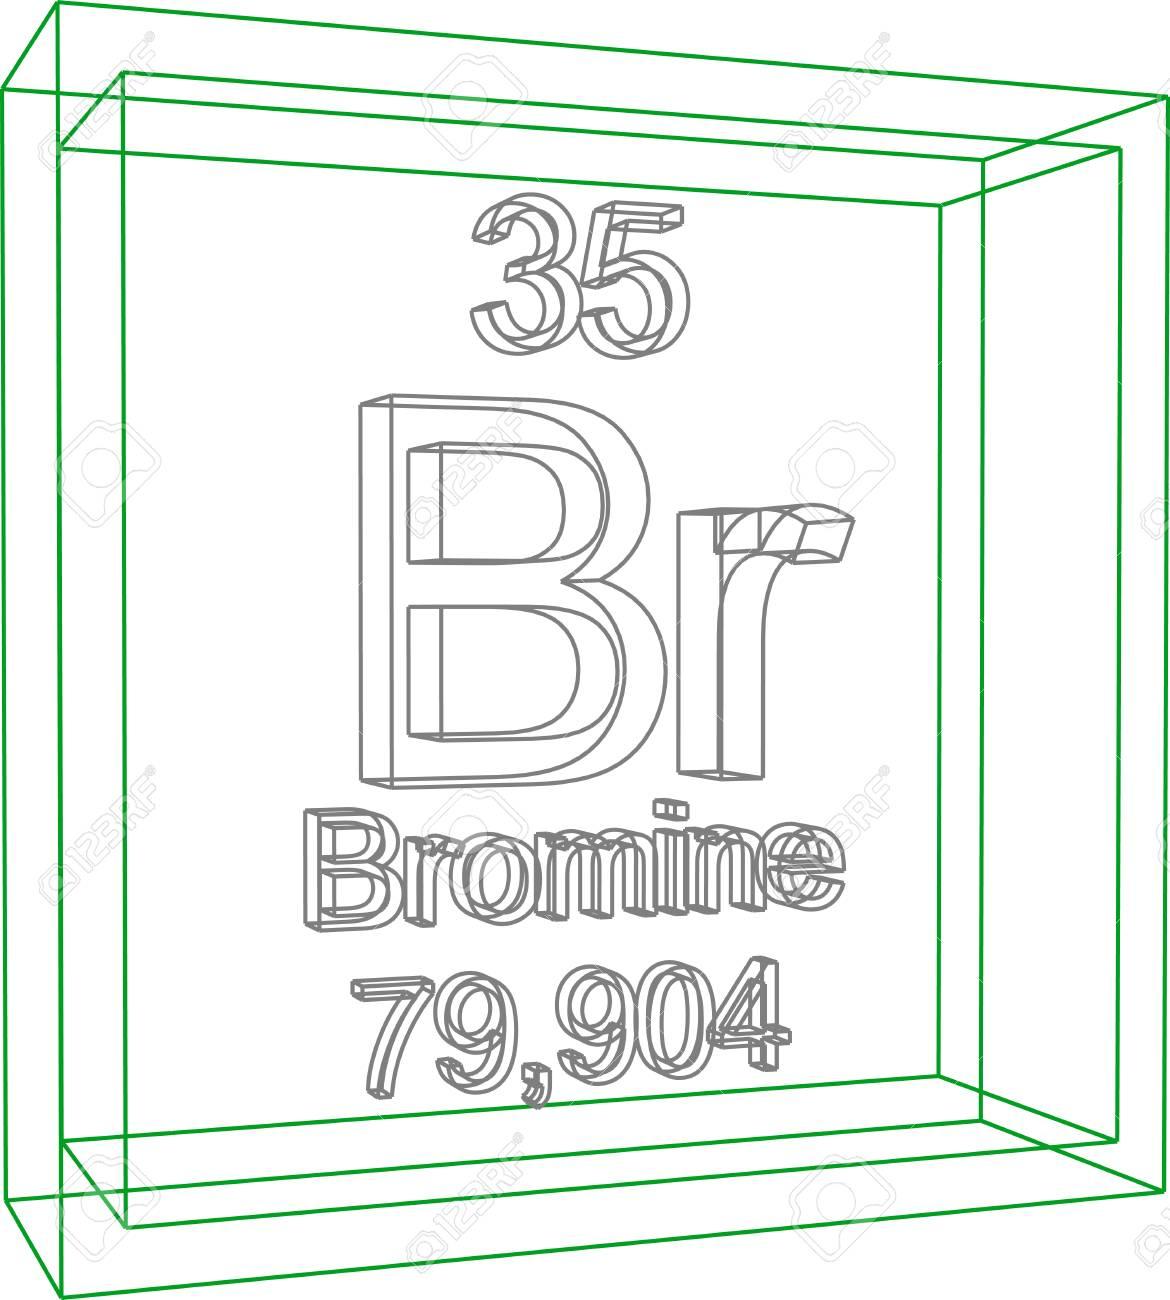 Tabla peridica de los elementos bromo ilustraciones vectoriales foto de archivo tabla peridica de los elementos bromo urtaz Image collections